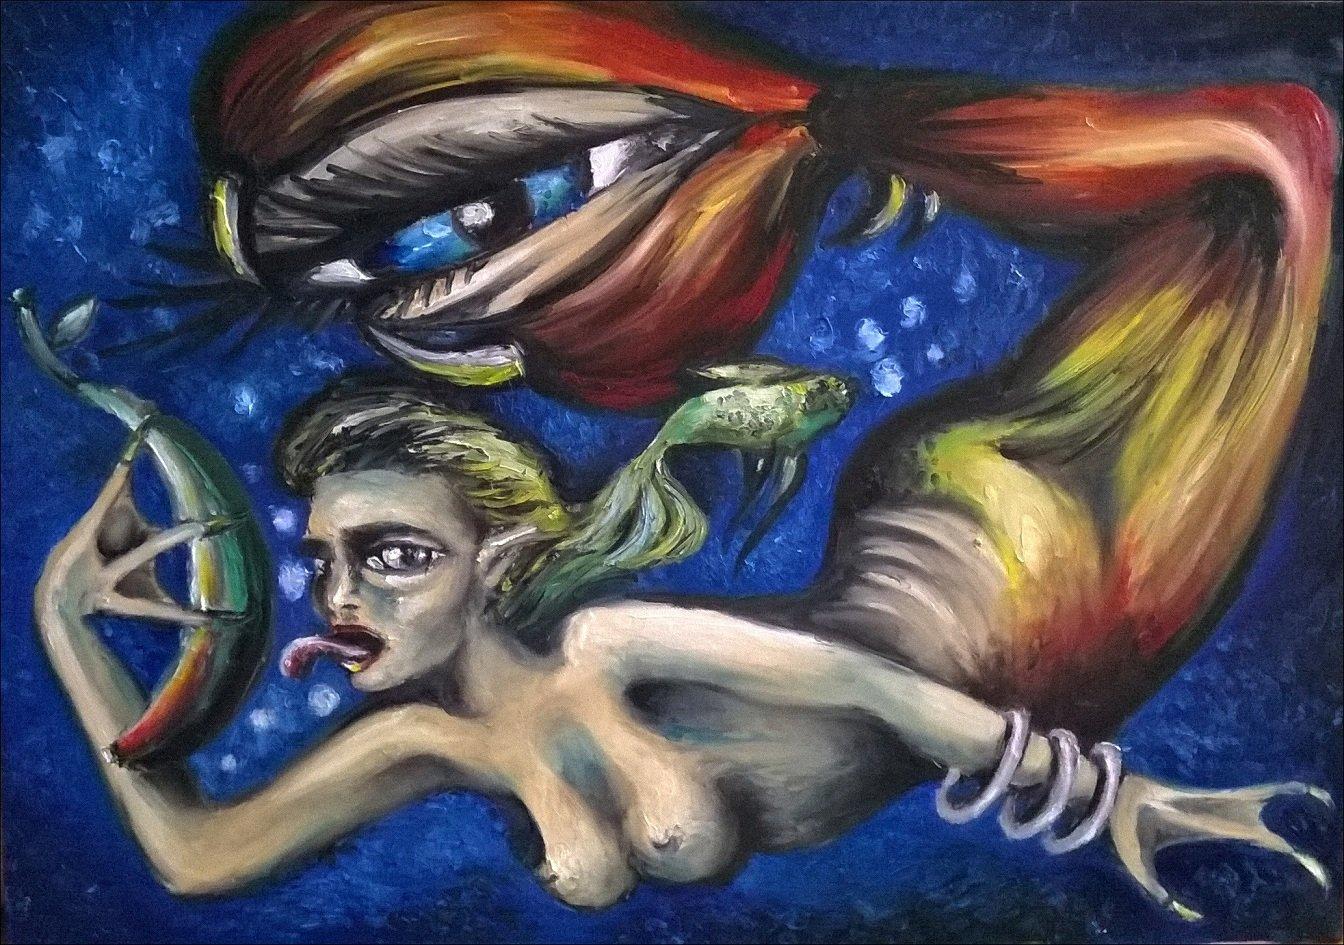 Obrazy o tematyce surrealistycznej sprzedam